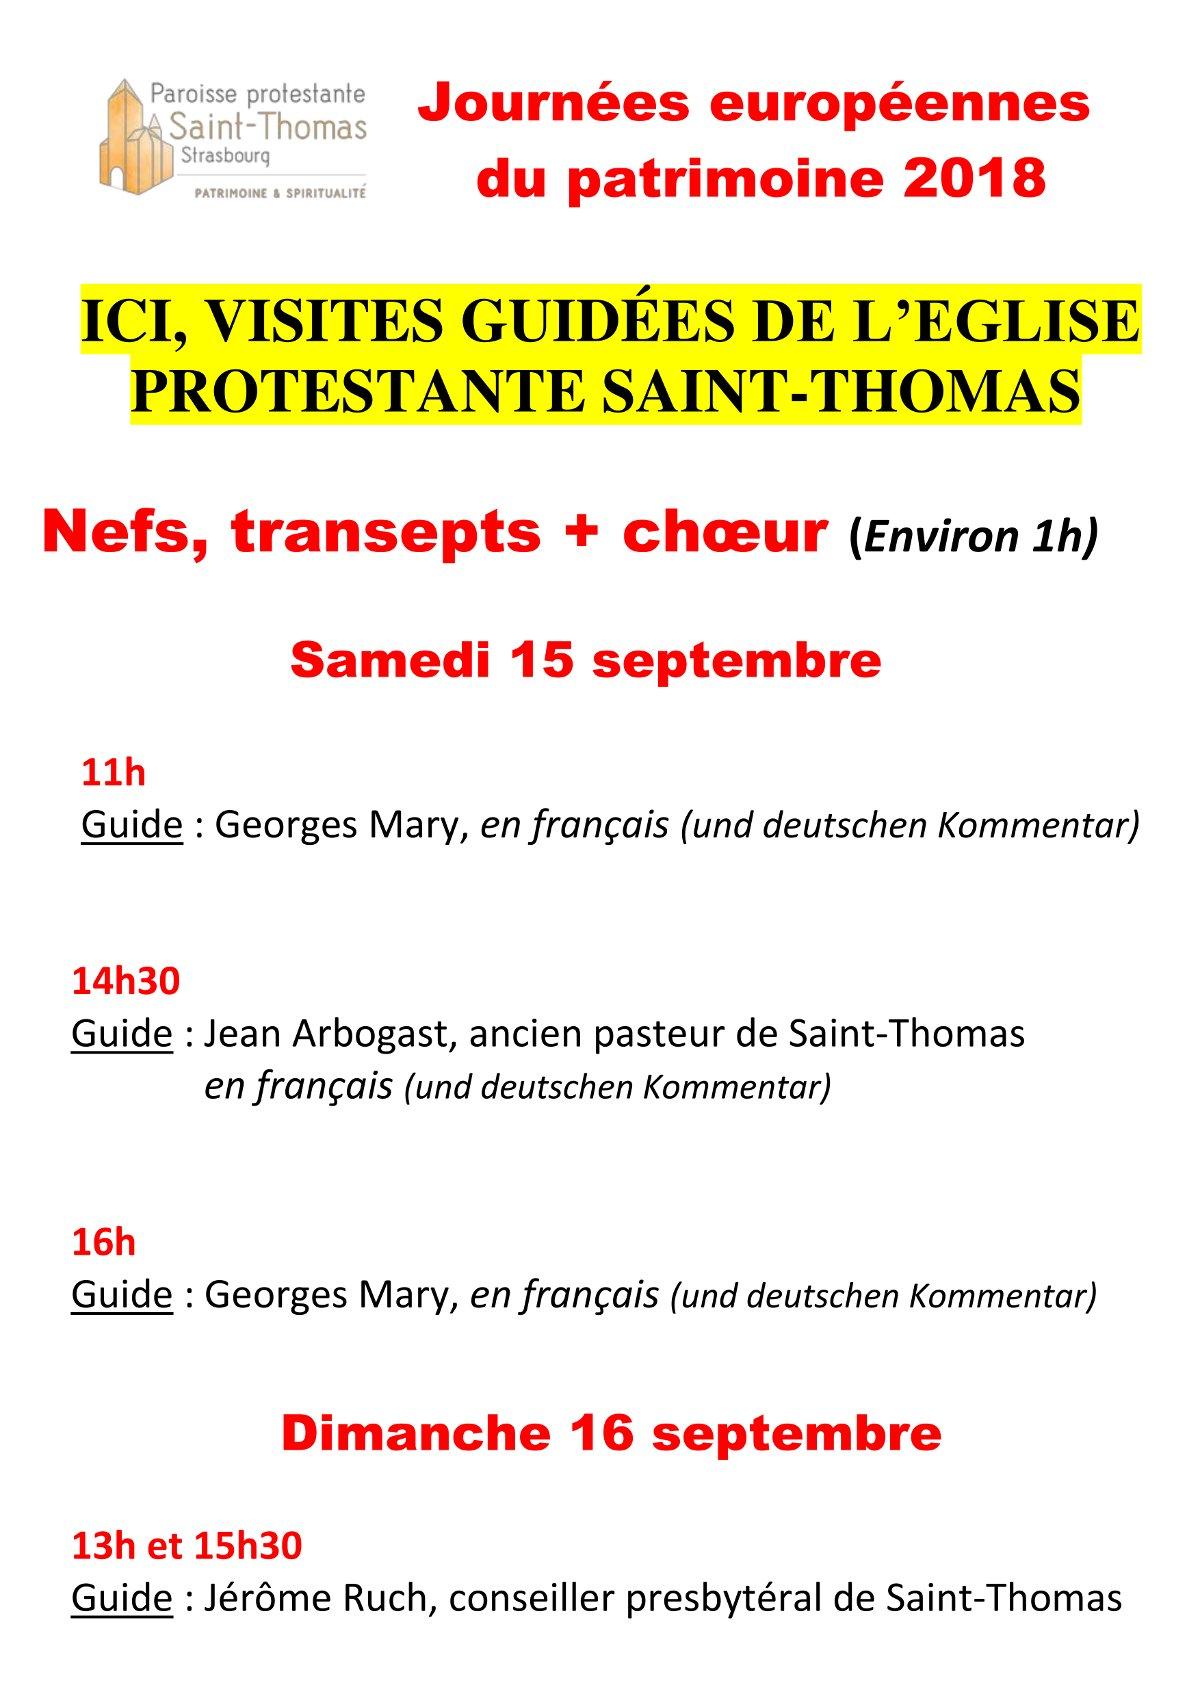 Journées du Patrimoine 2018 : visite de l'église Saint-Thomas à Strasbourg